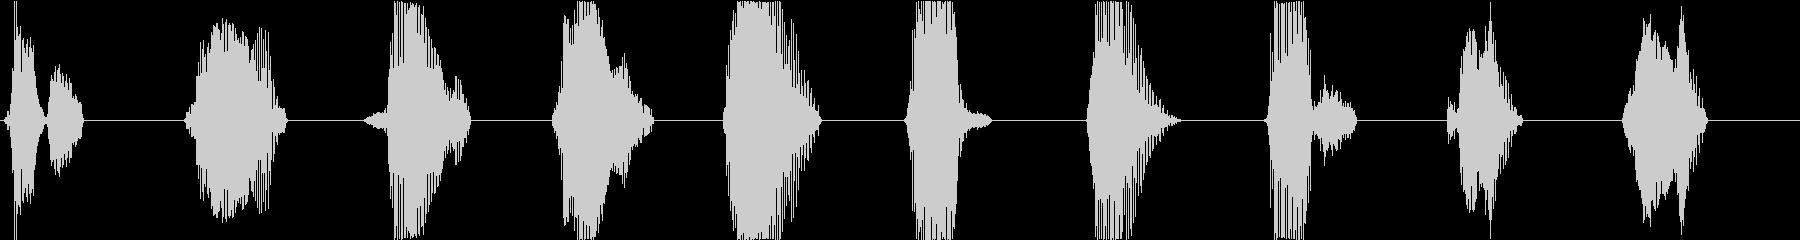 悪人(ボイチェン)が10まで数えるの未再生の波形